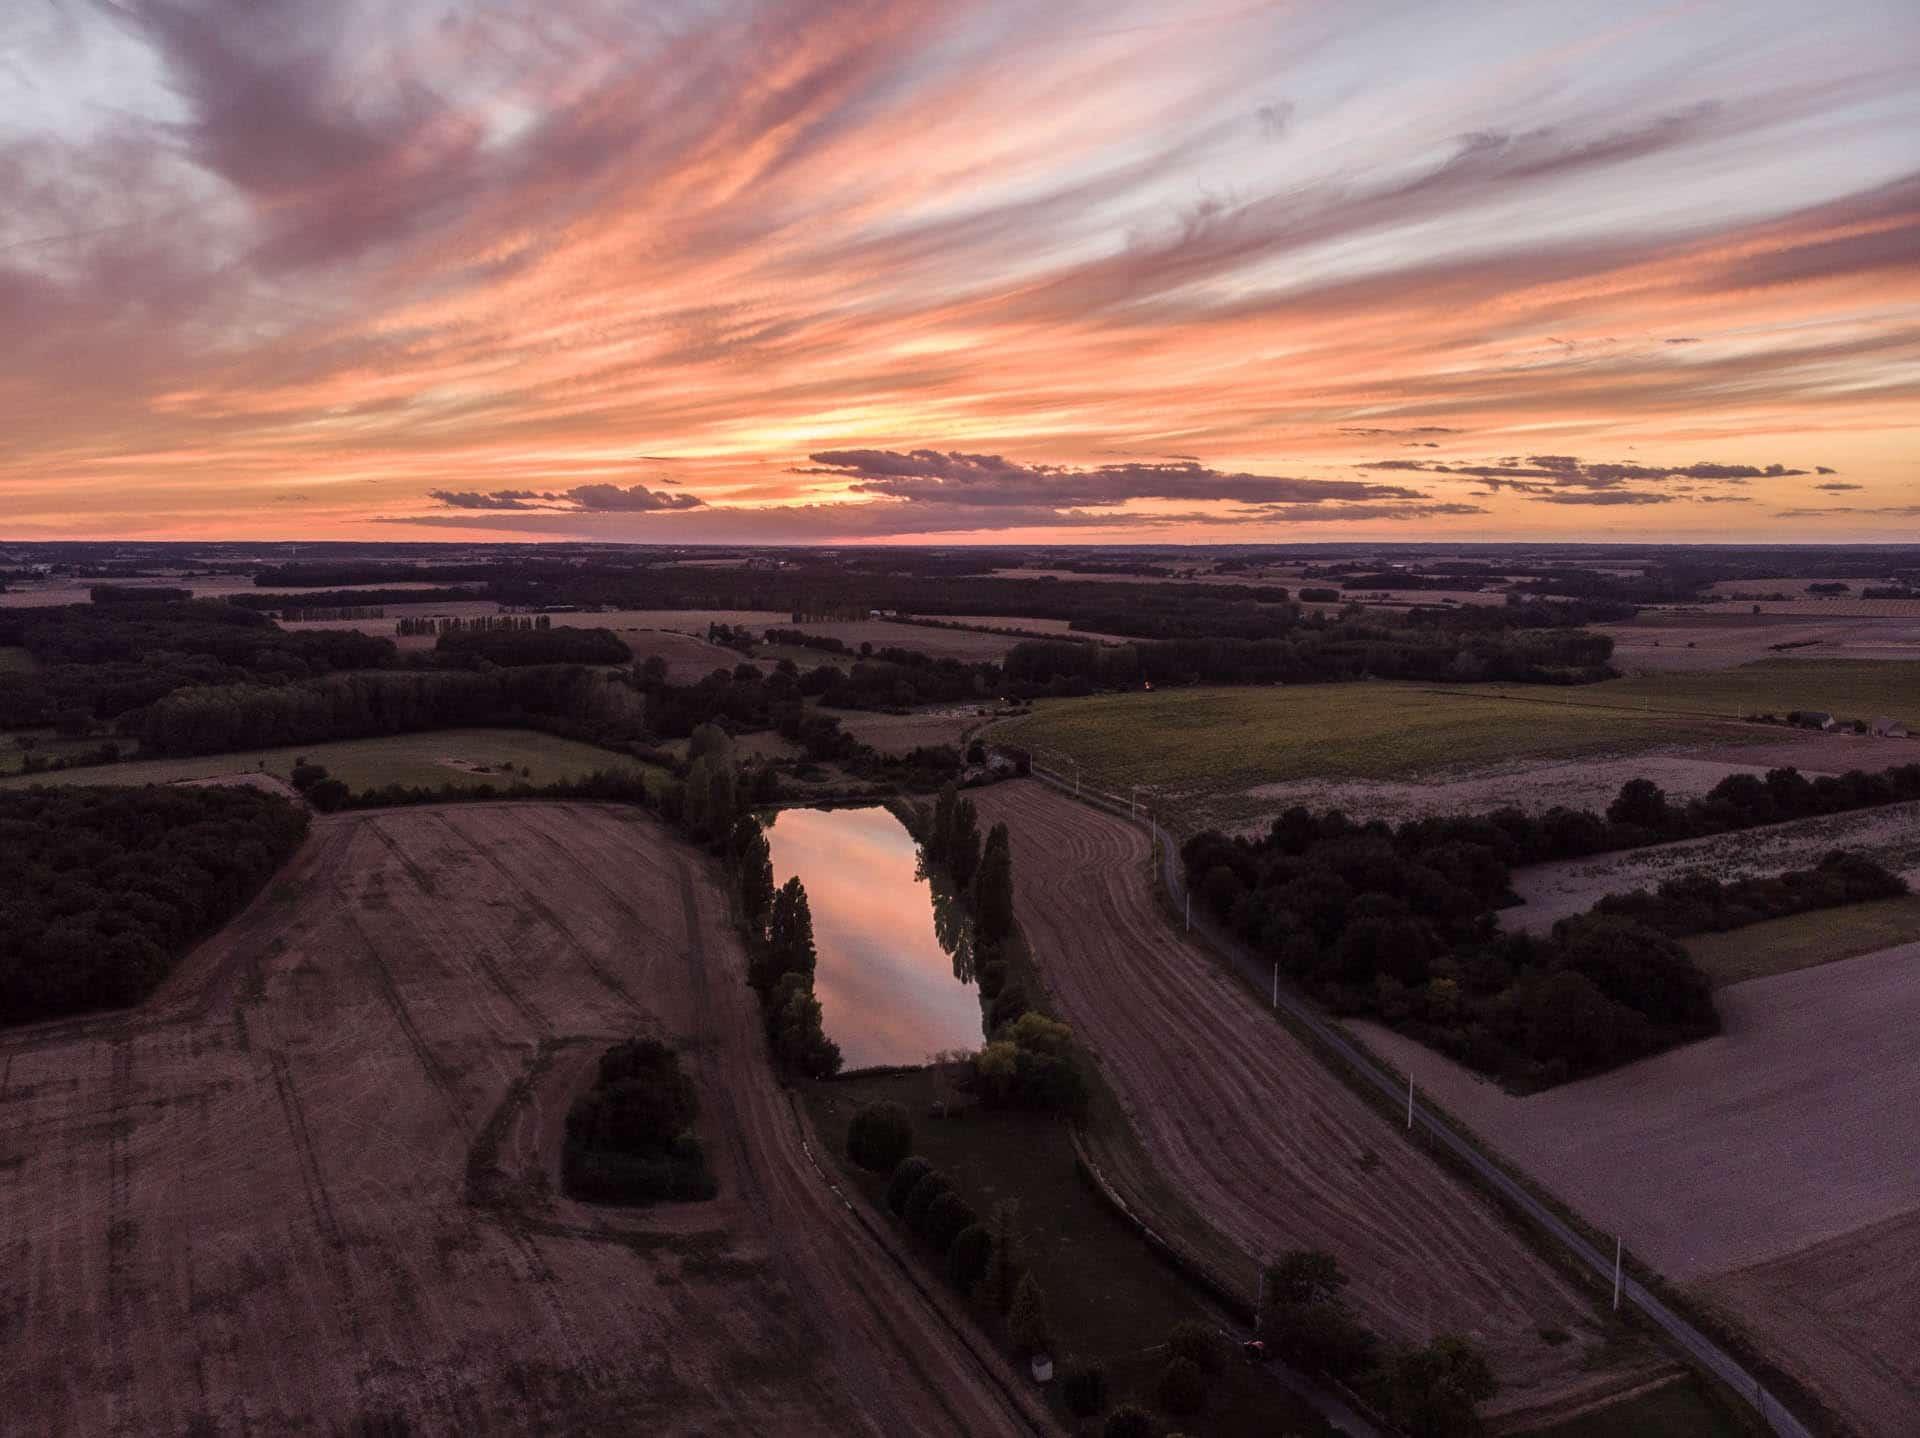 Prise de vue aérienne d'un coucher de soleil sur un étang au nord de Tours